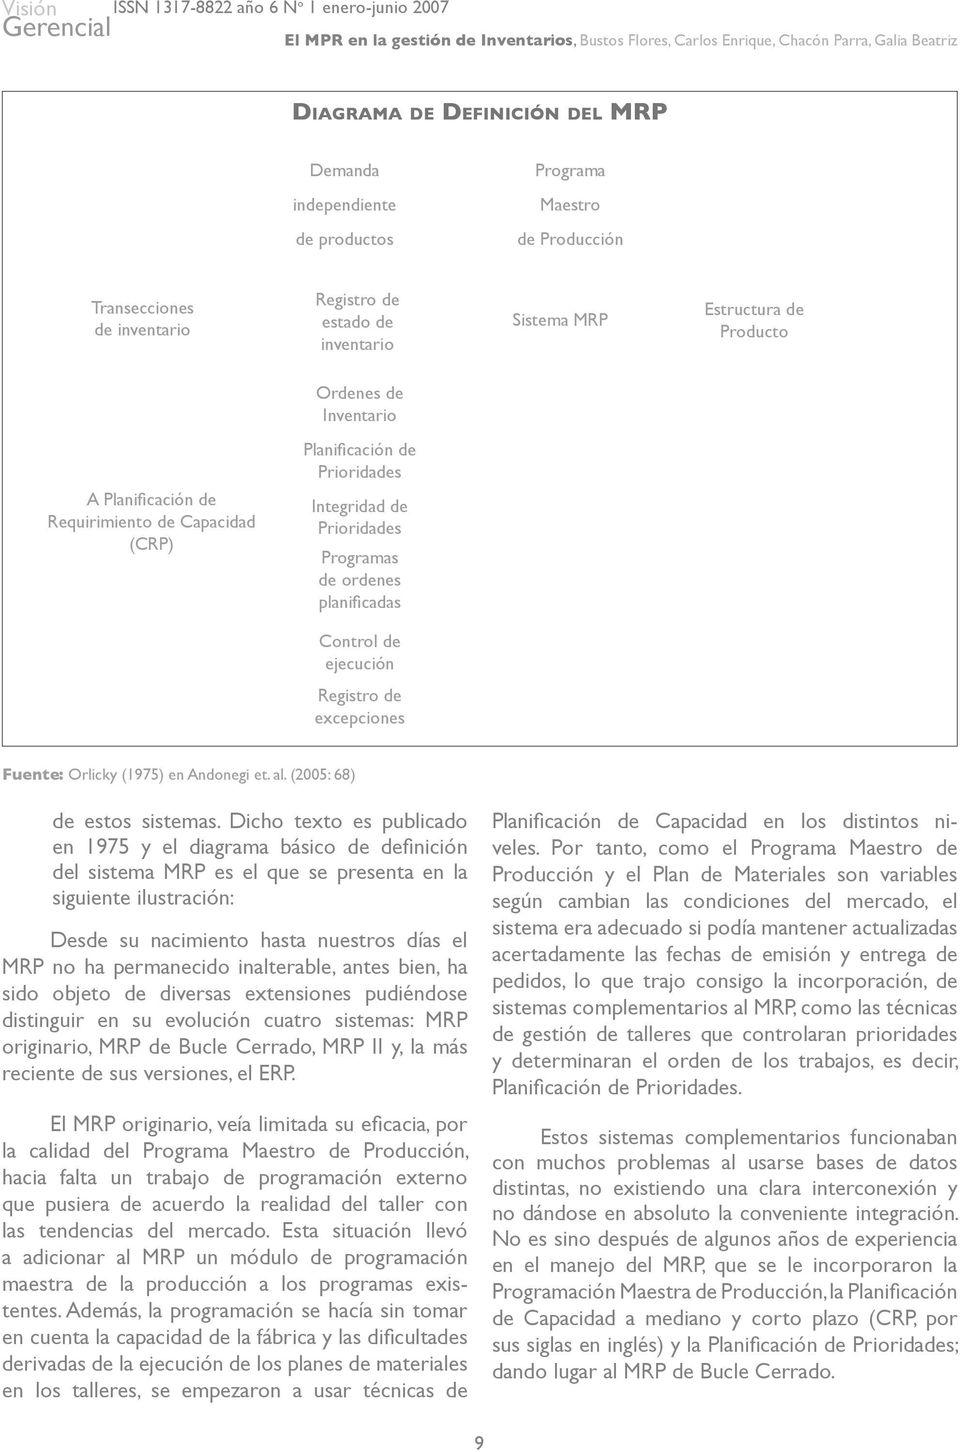 hight resolution of excepciones fuente orlicky 1975 en andonegi et al 2005